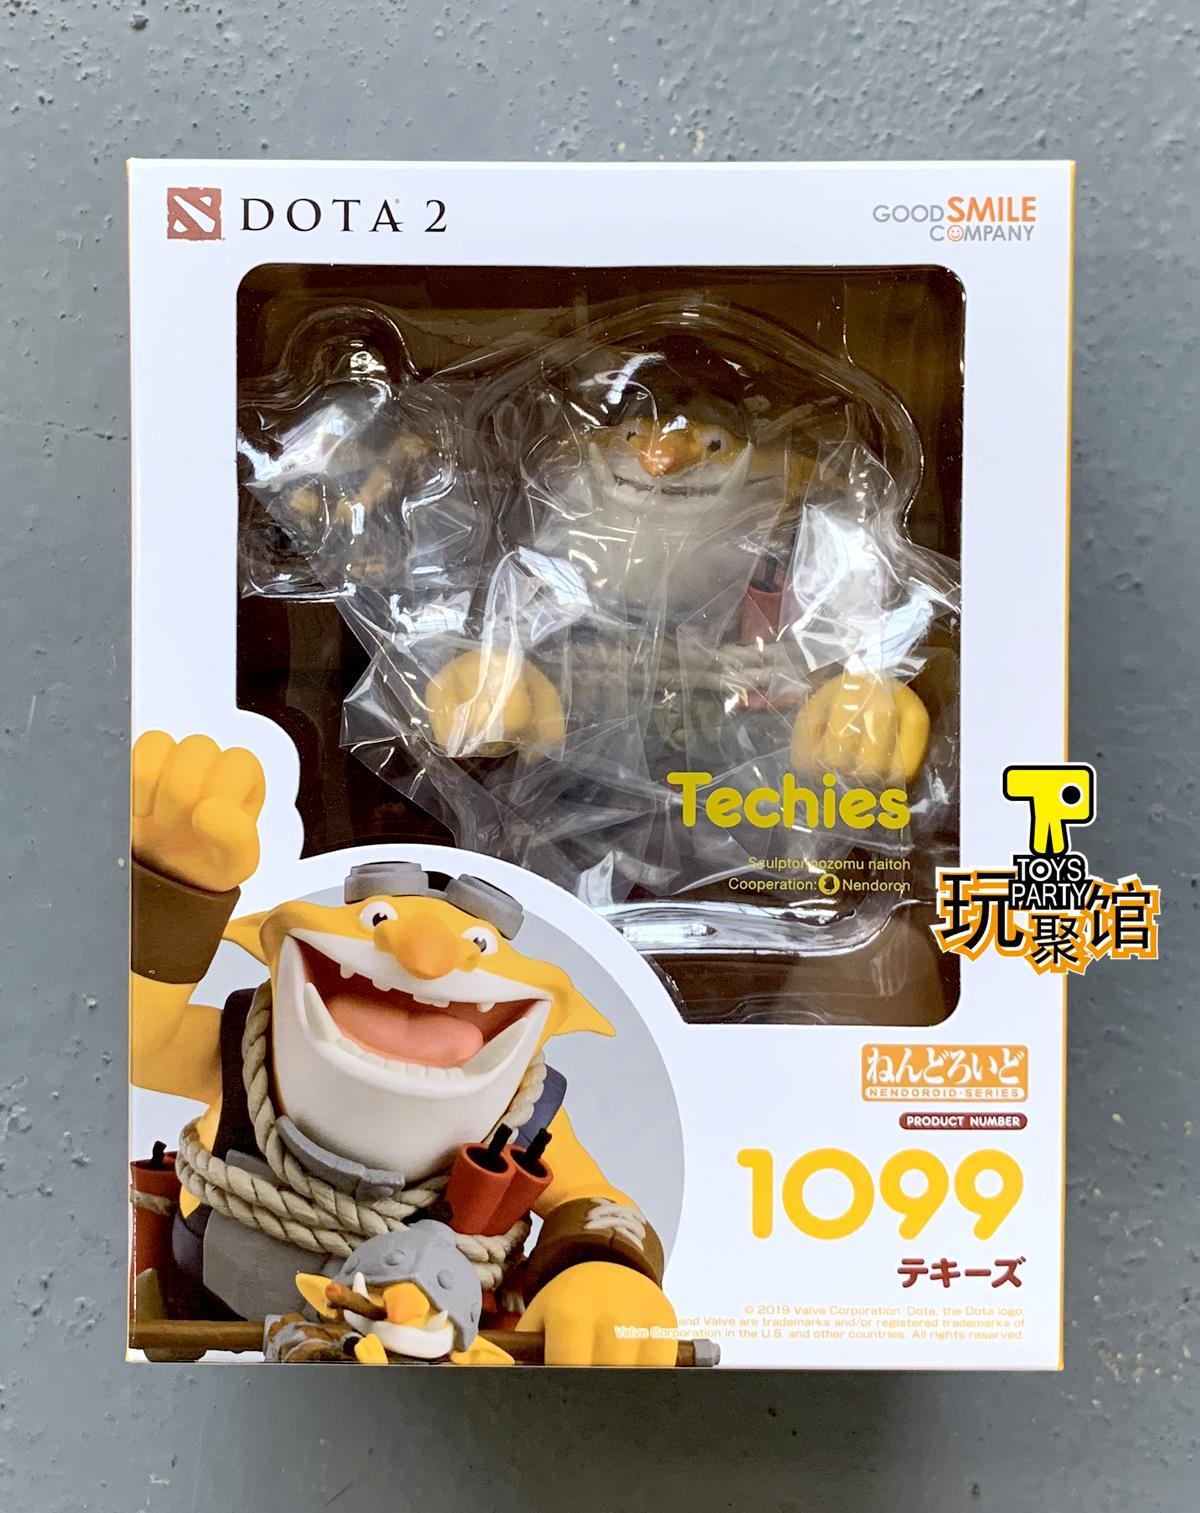 GSC 粘土 1099 DOTA2 工程师 炸弹人 斯奎 techies 日版 现货